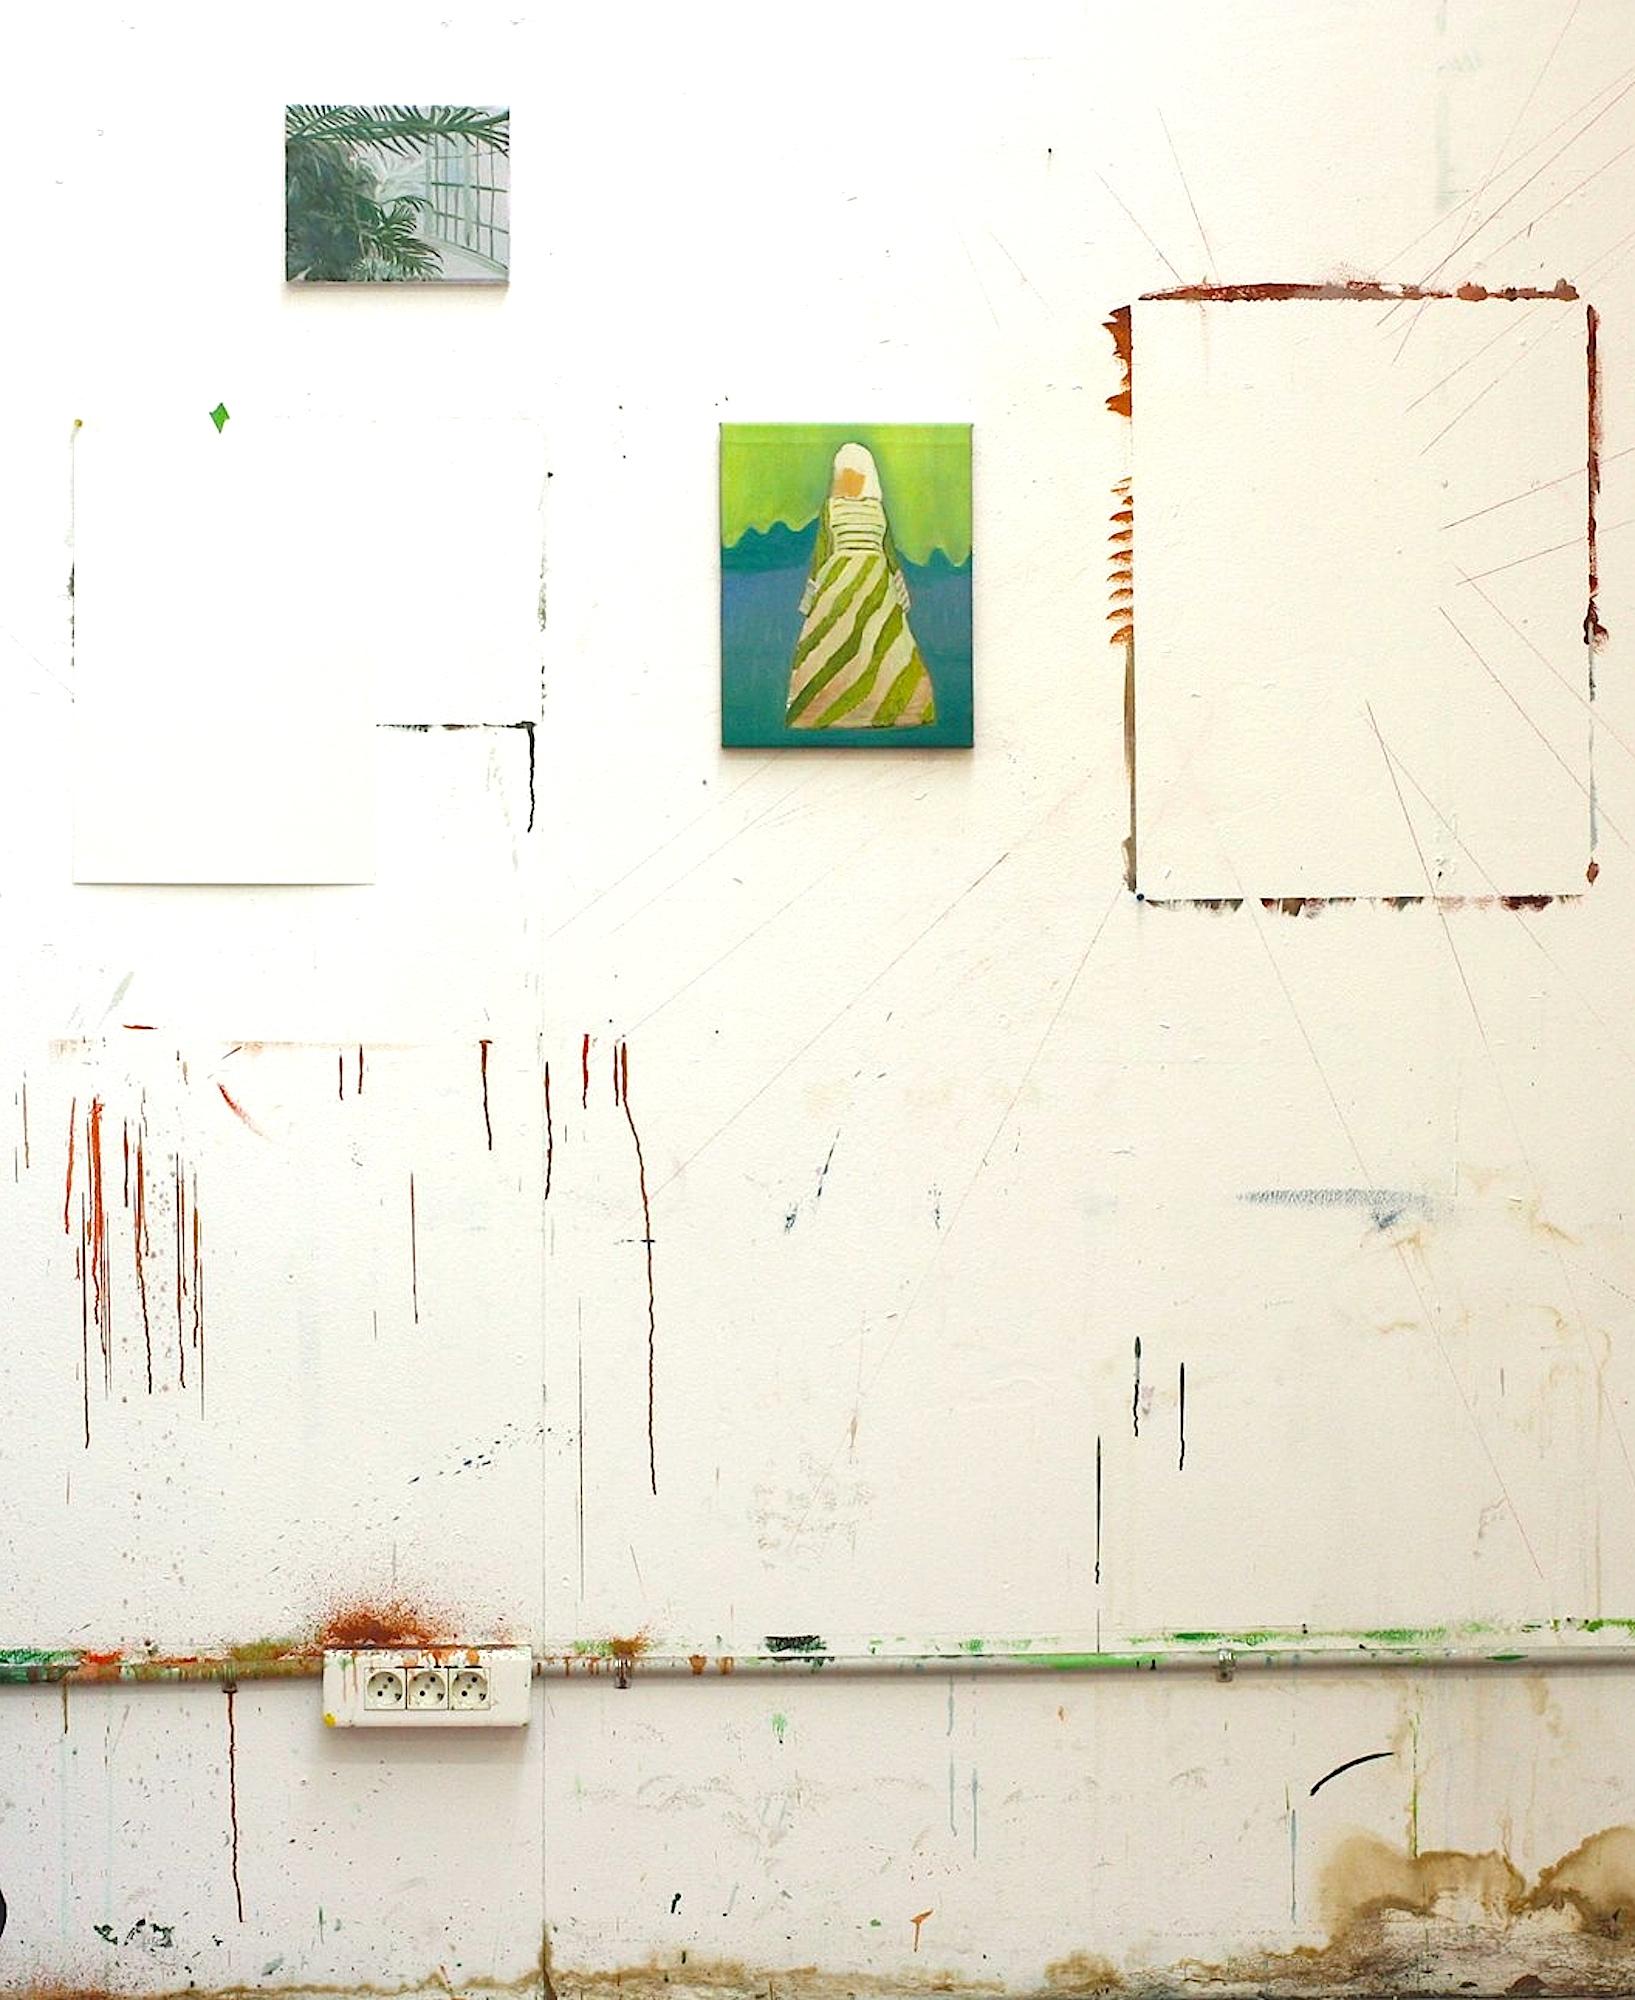 malerier, farverige, figurative, geometriske, portræt, surrealistiske, kroppe, natur, mennesker, tekstiler, sorte, grønne, neon, turkise,  bomuldslærred, olie, abstrakte-former, tøj, beklædning, samtidskunst, dansk, dekorative, design, interiør, bolig-indretning, moderne, moderne-kunst, bjerge, skandinavisk, levende, Køb original kunst og kunstplakater. Malerier, tegninger, limited edition kunsttryk & plakater af dygtige kunstnere.